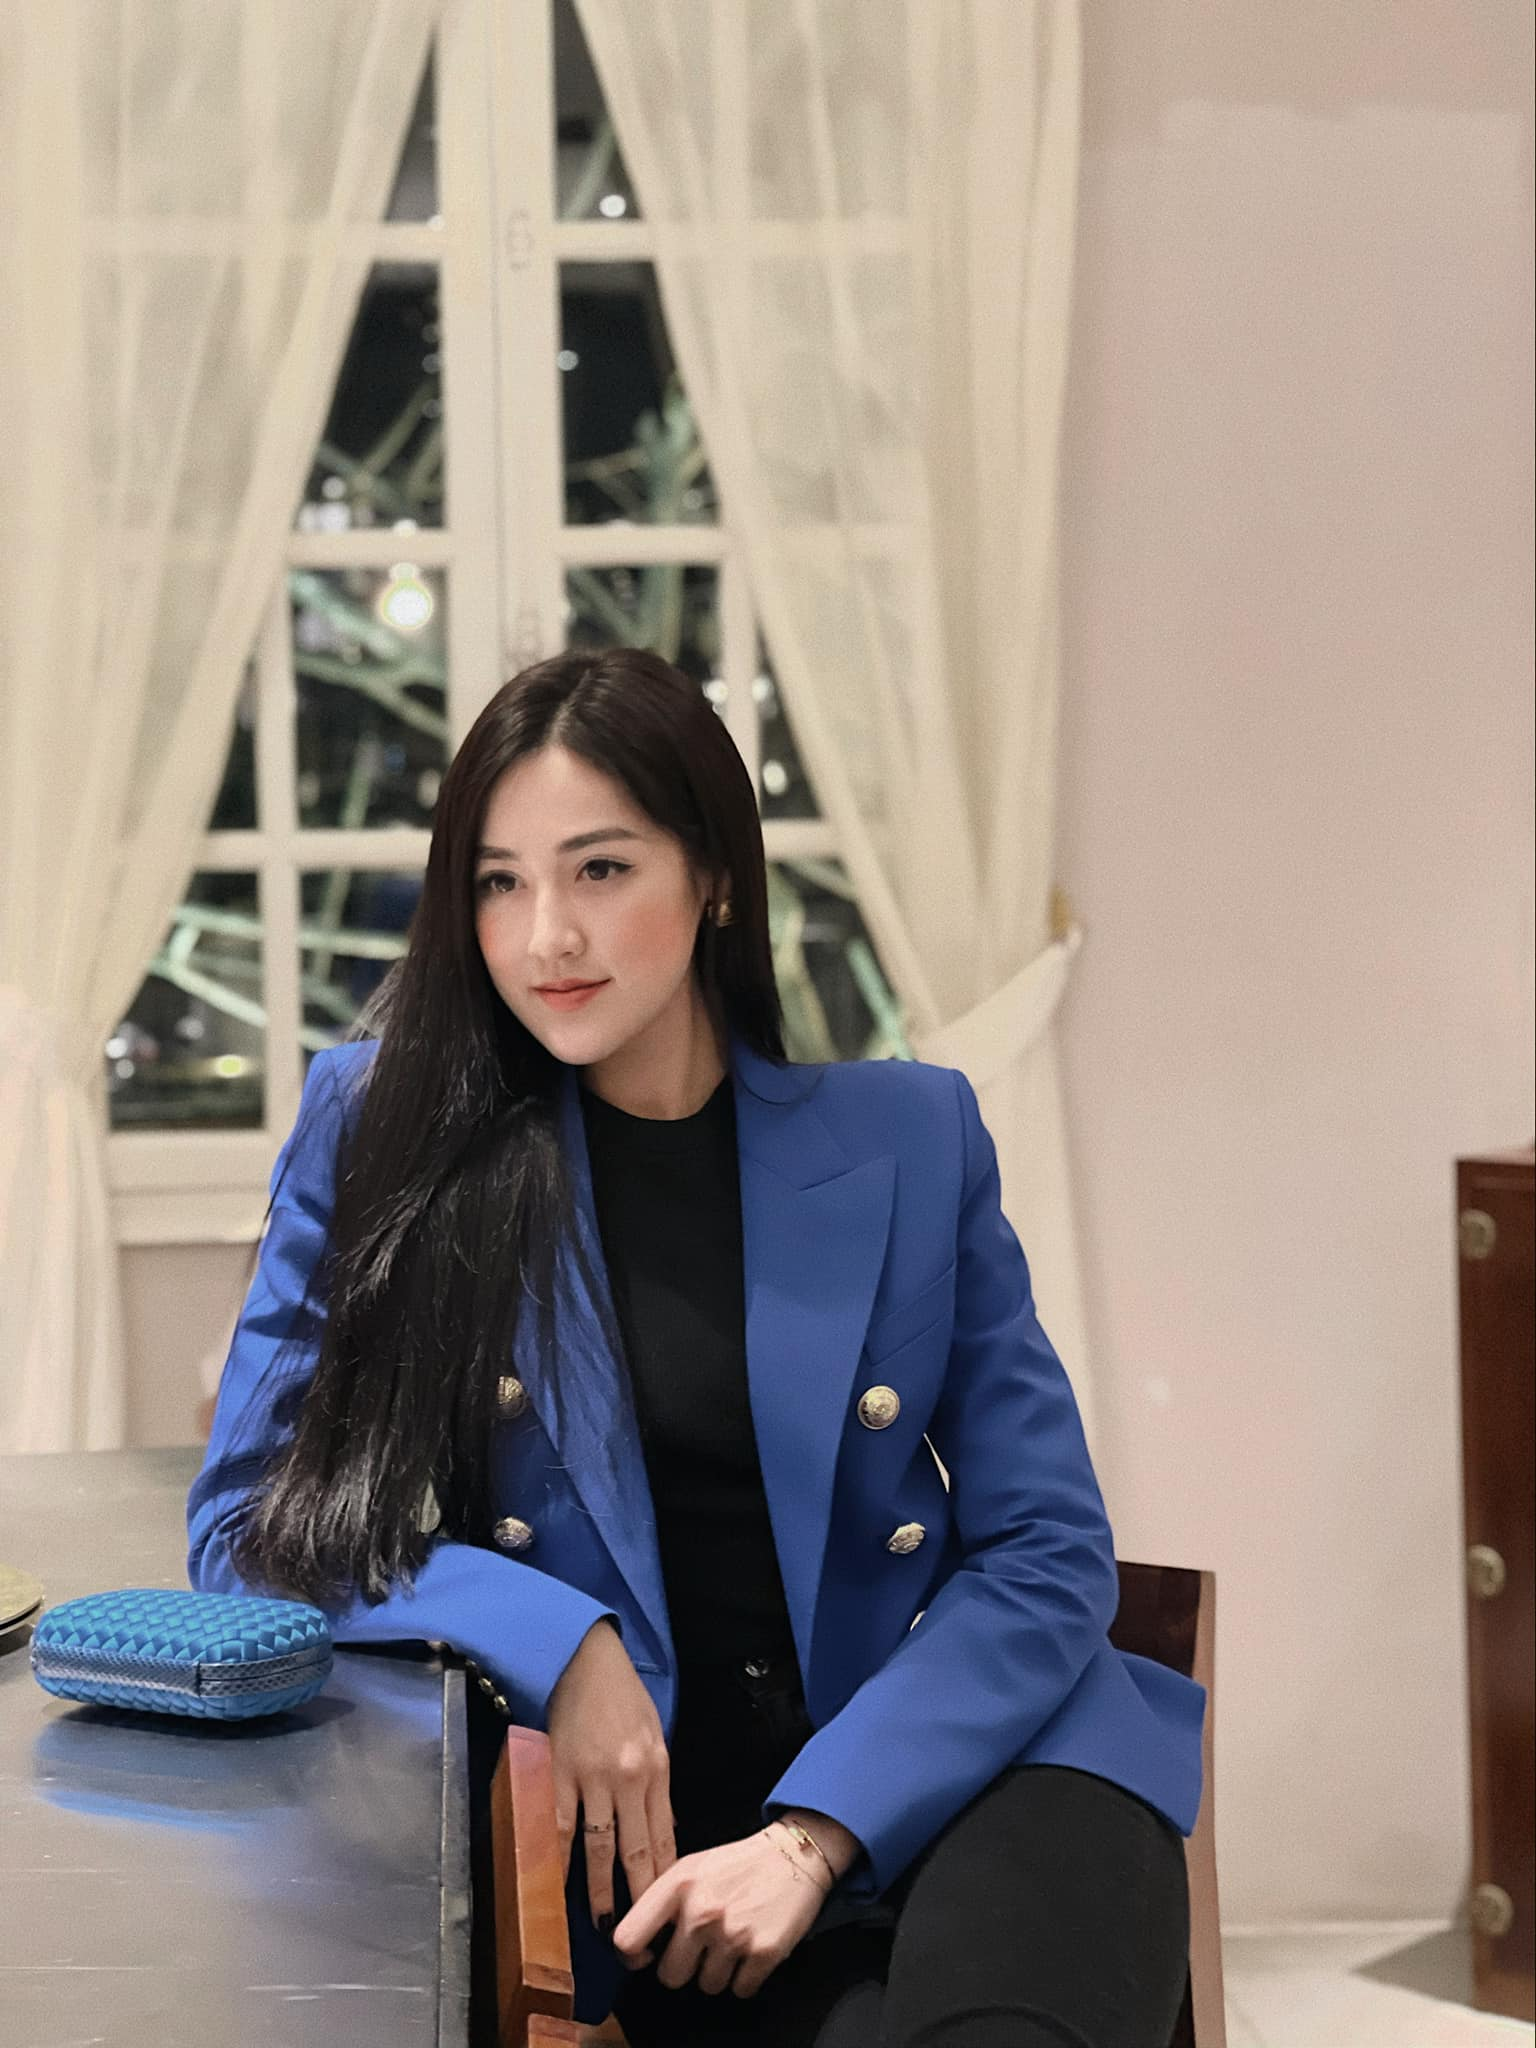 Nhìn Á hậu Tú Anh lên đồ công sở đẹp mê, chị em tăm tia ngay được 10 set siêu xinh diện đi làm - Ảnh 5.